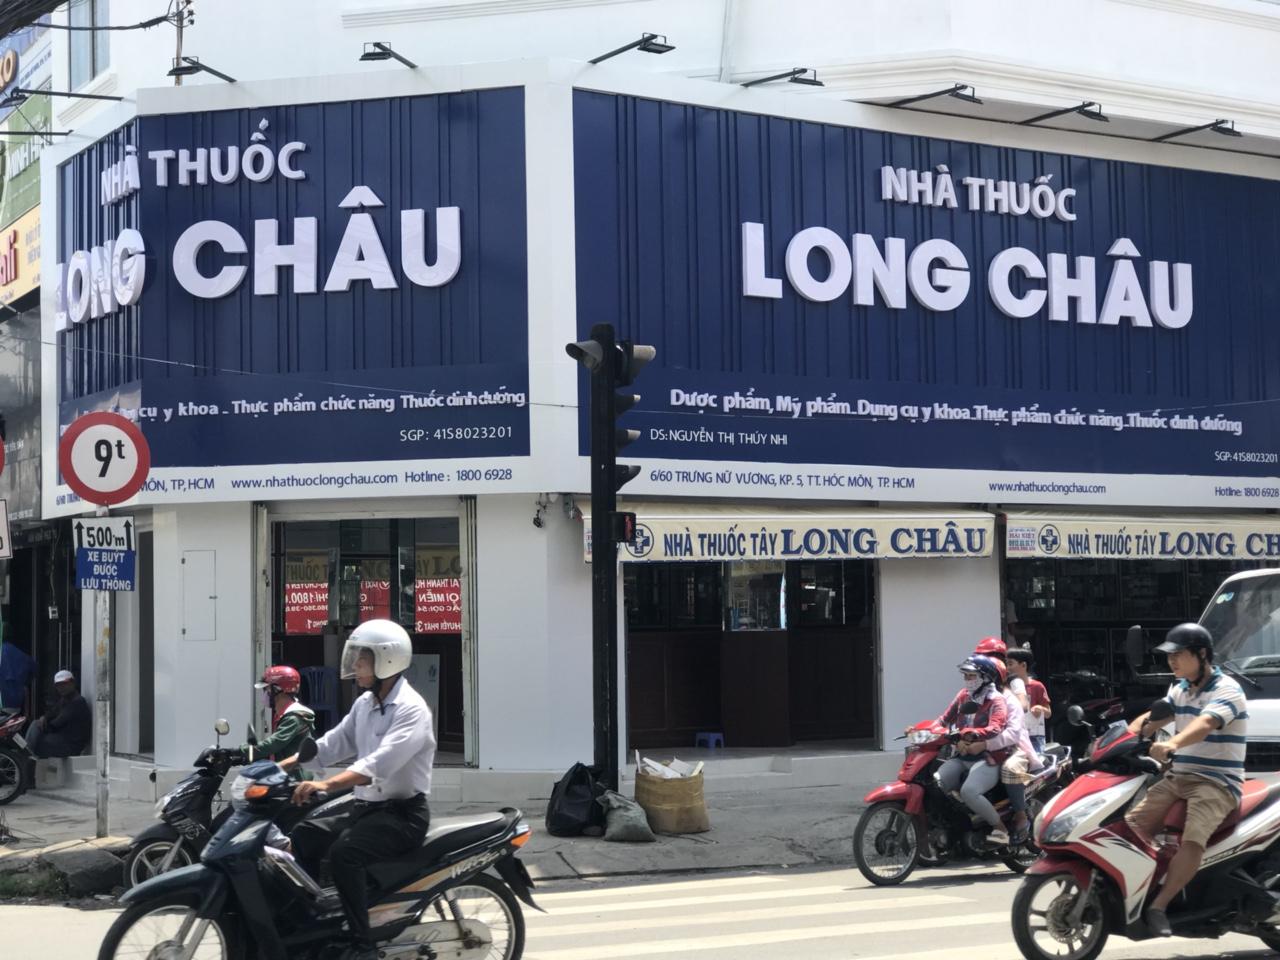 FPT Retail muốn chuỗi Long Châu có lãi vào cuối năm, khi mang về 582 tỷ đồng doanh thu quý I - Ảnh 1.